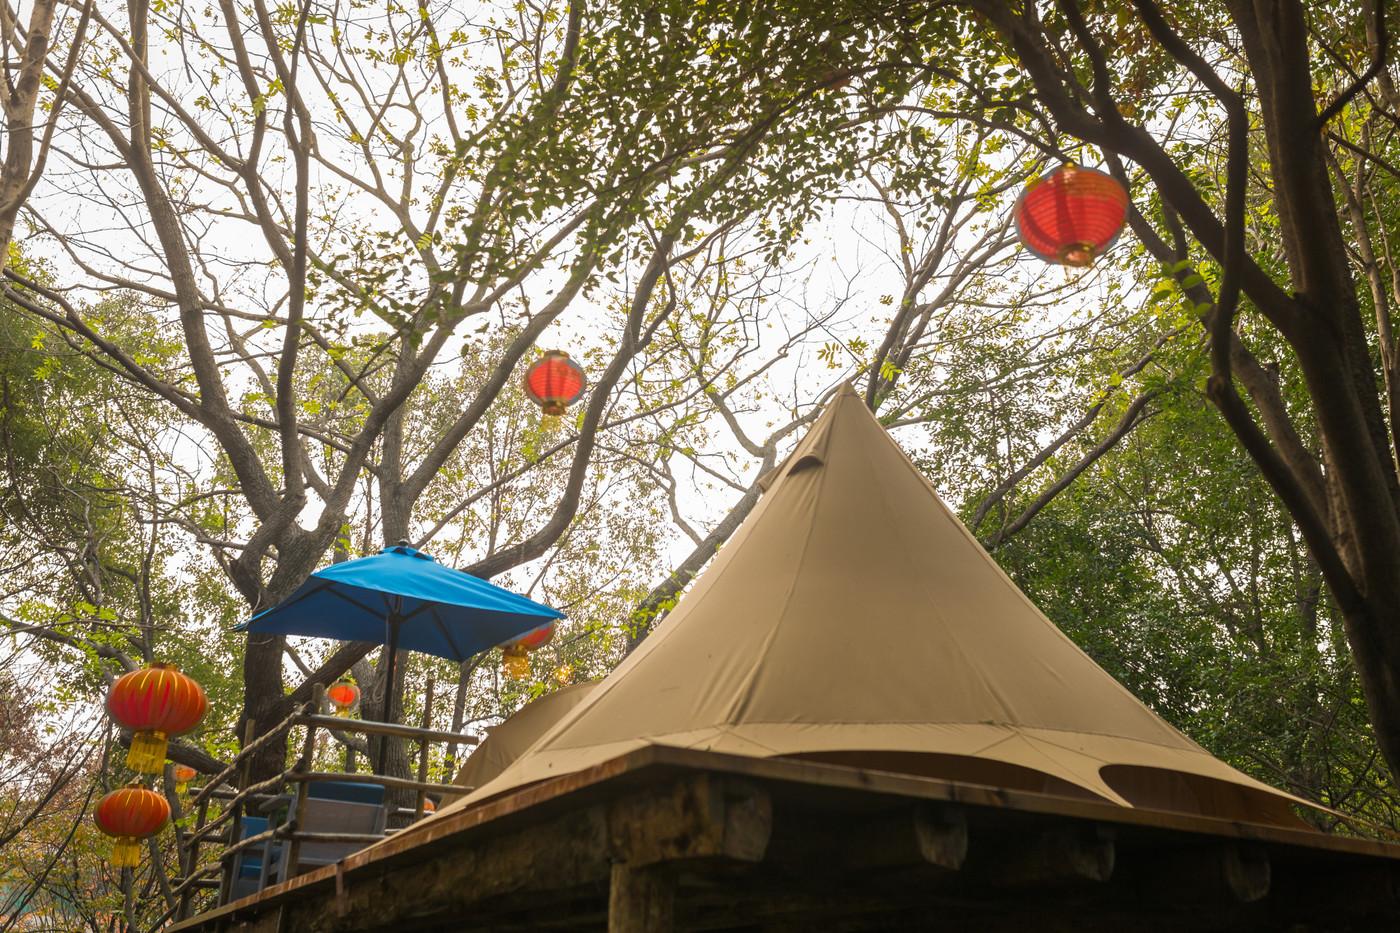 喜马拉雅野奢帐篷酒店—江苏常州天目湖树屋帐篷酒店22